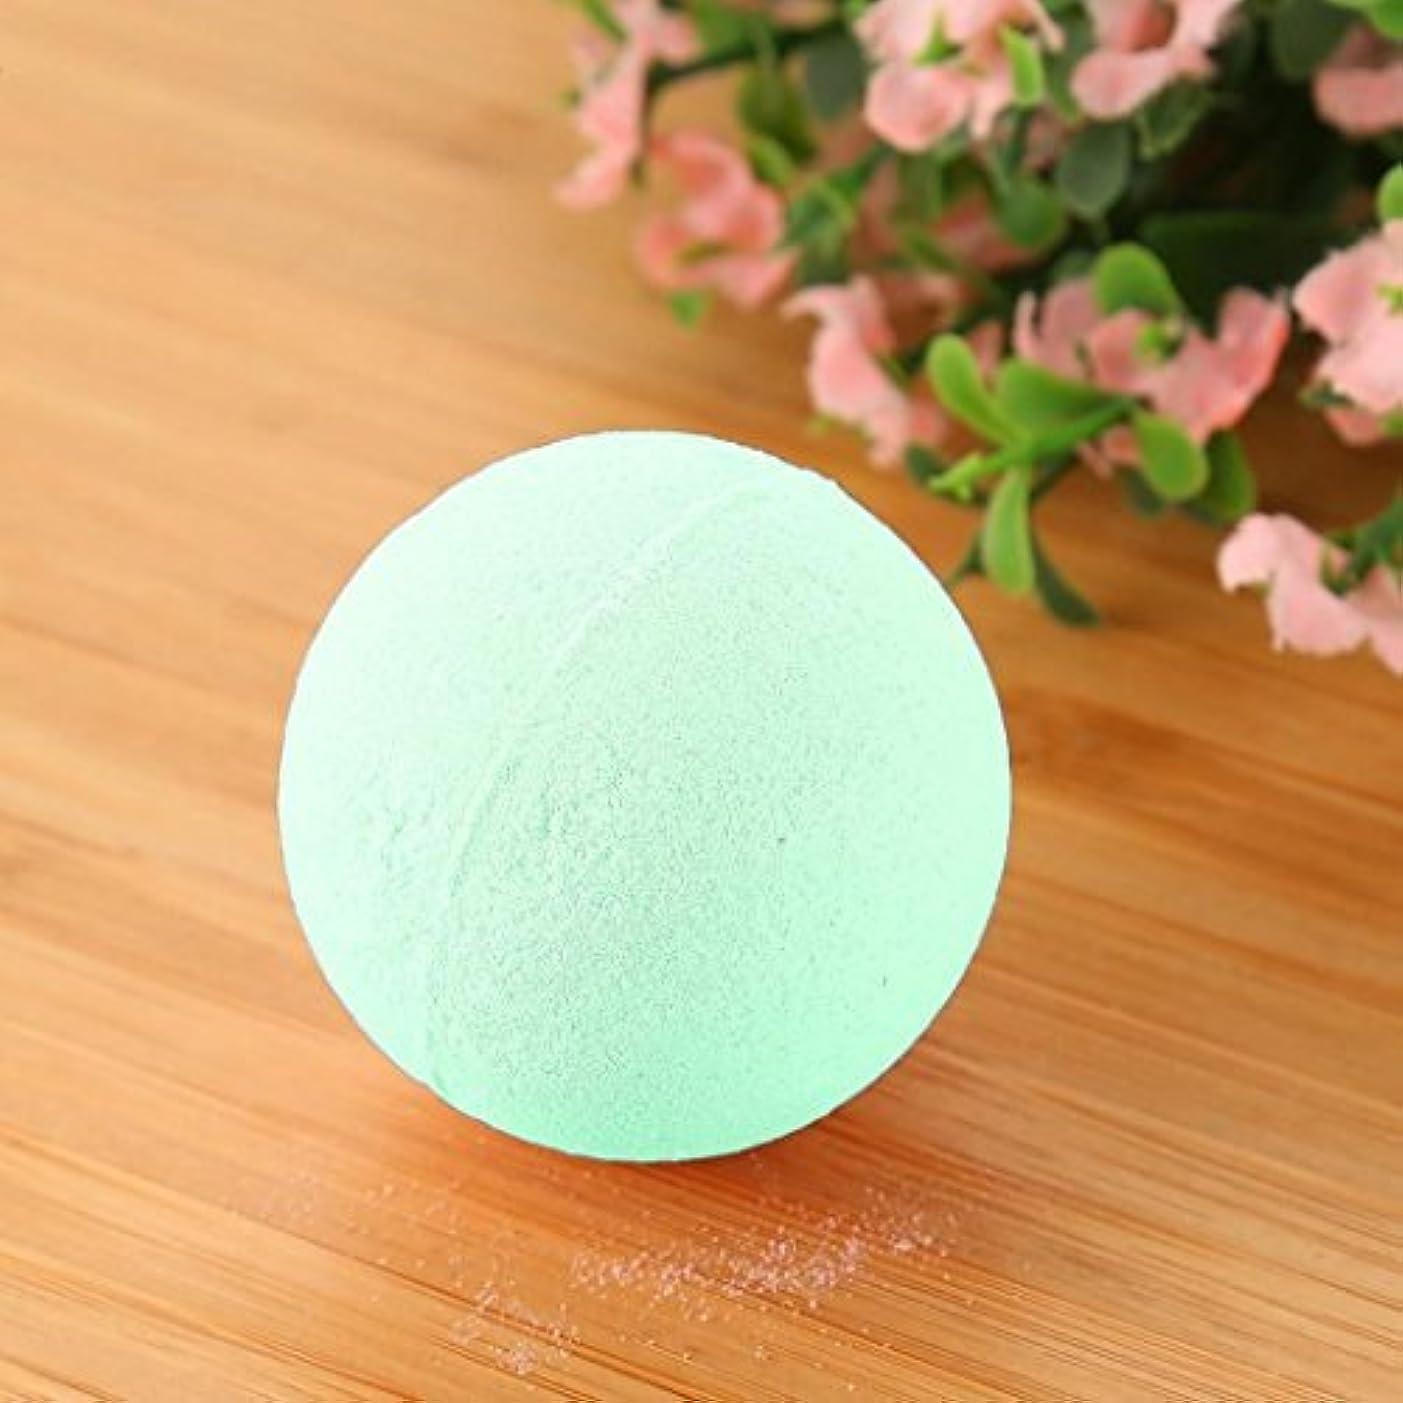 顕現座る追記バブル塩風呂の贈り物のためにボールをリラックスした女性の塩